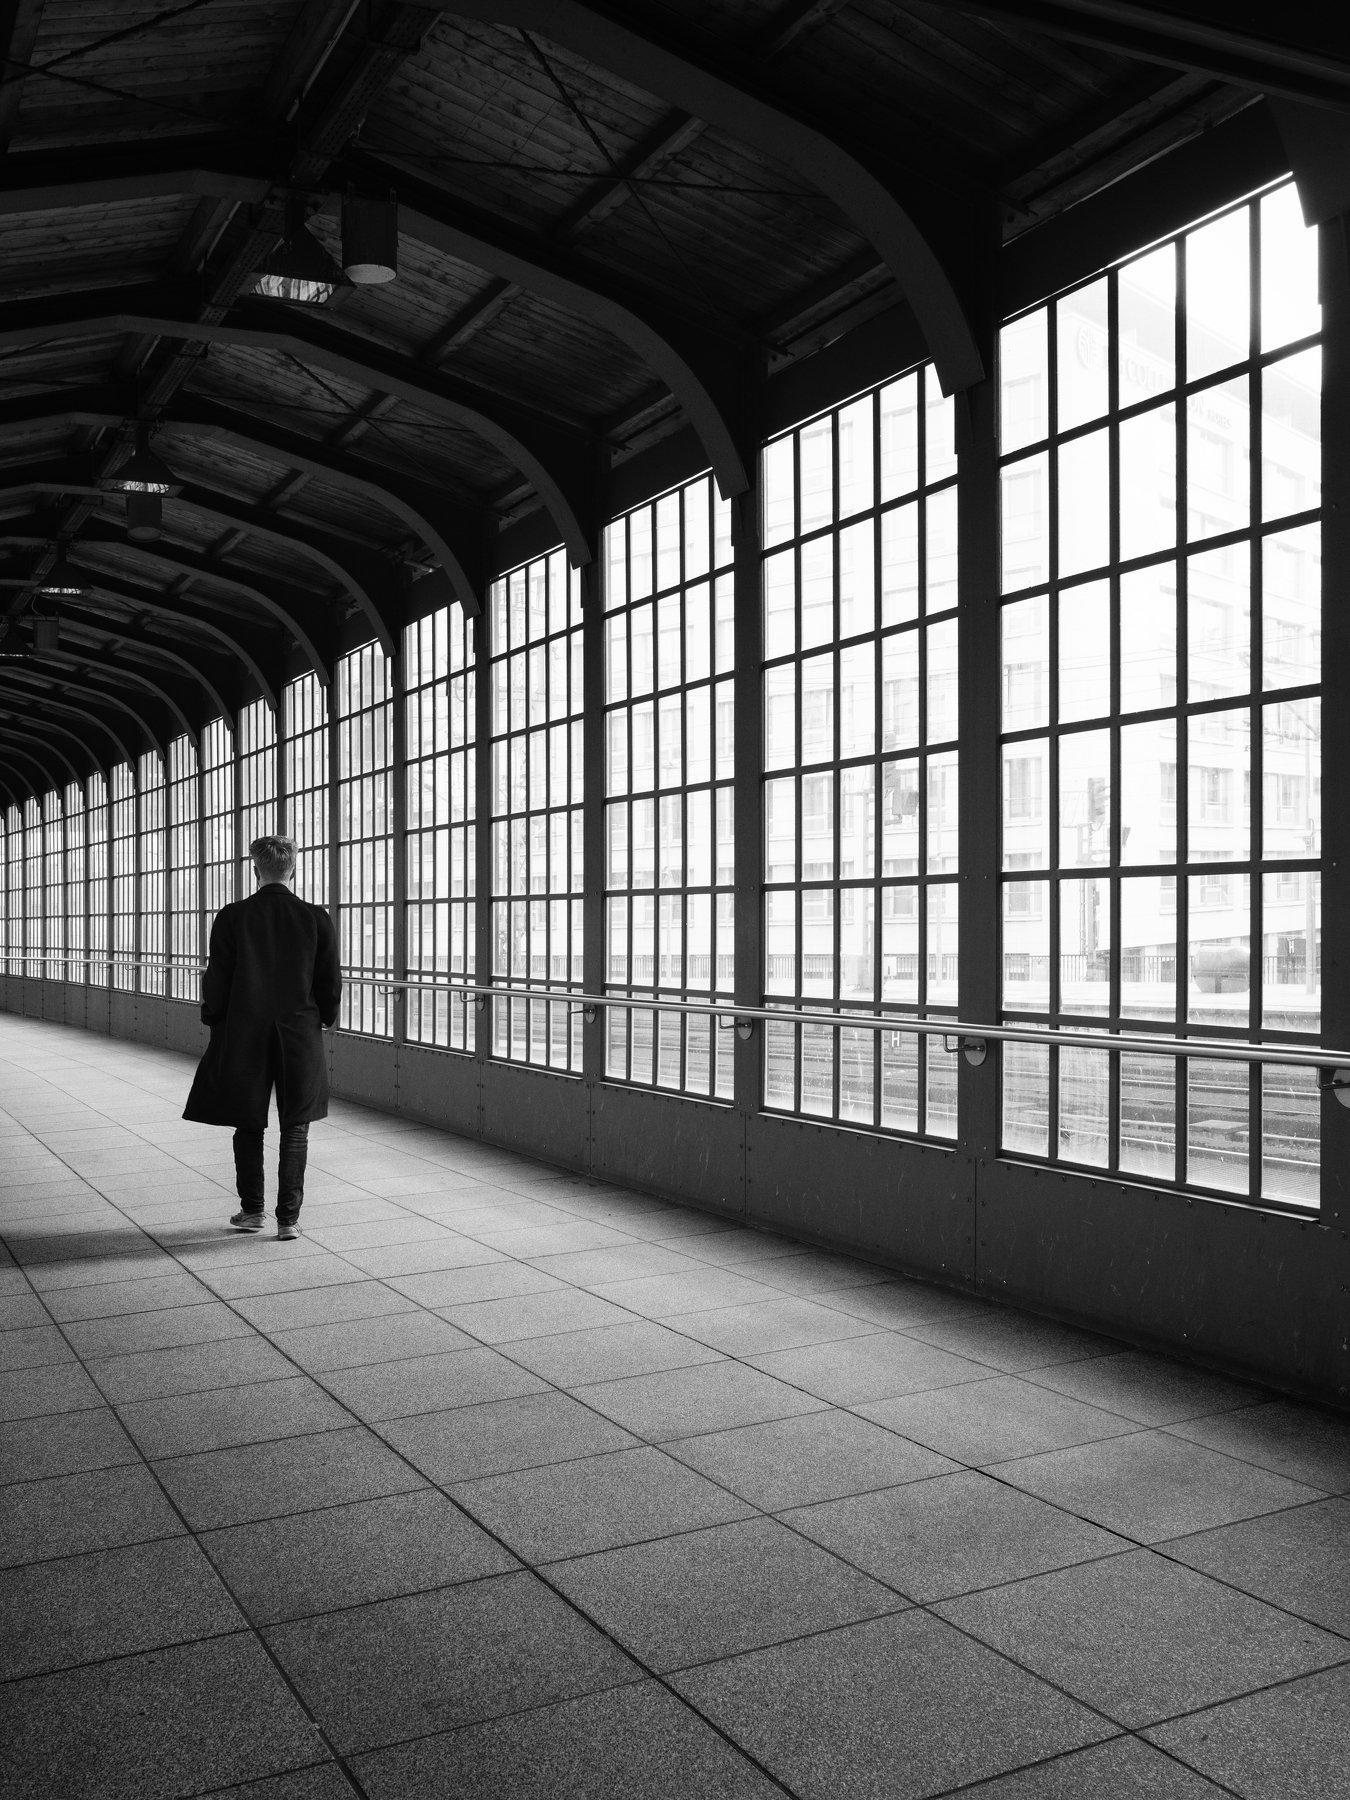 station, men, windows, urban, street, Schönberg Alexander